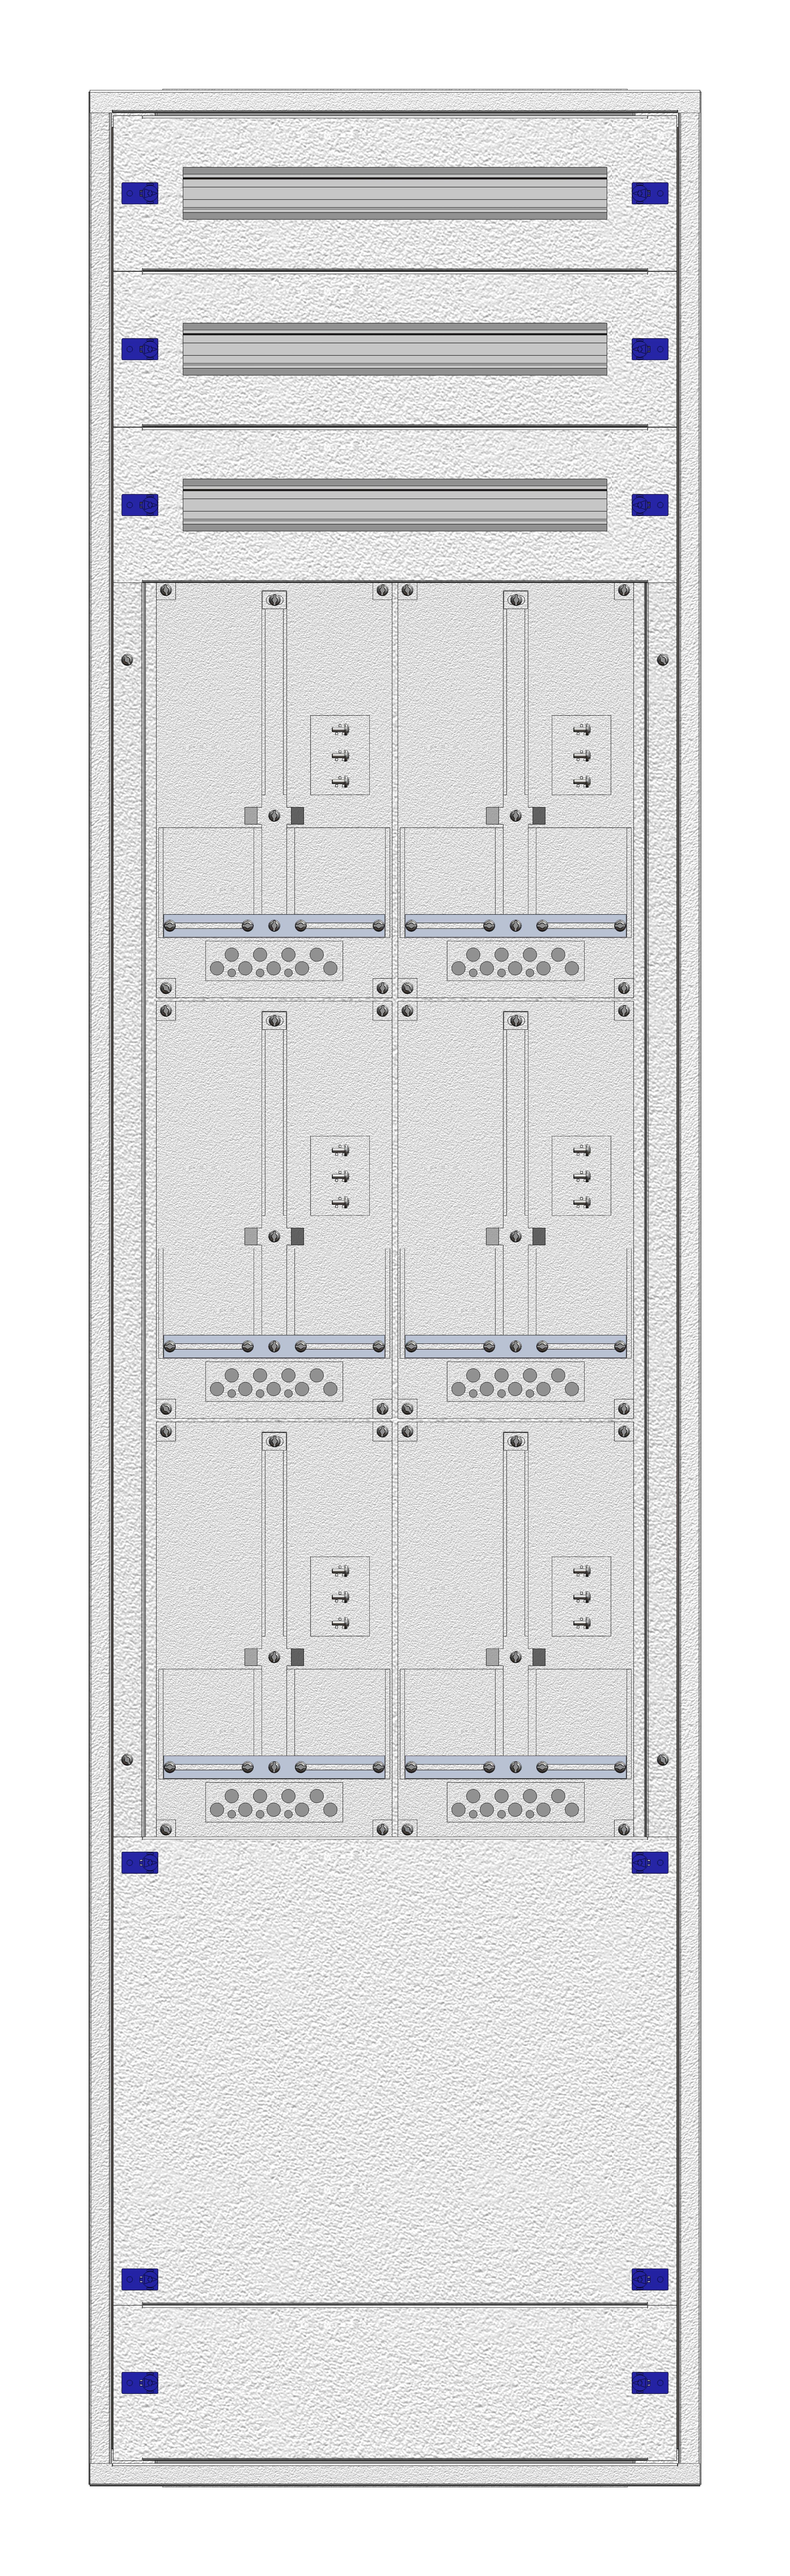 1 Stk Aufputz-Zählerverteiler 2A-45M/WIEN 6ZP, H2160B590T250mm IL168245WS